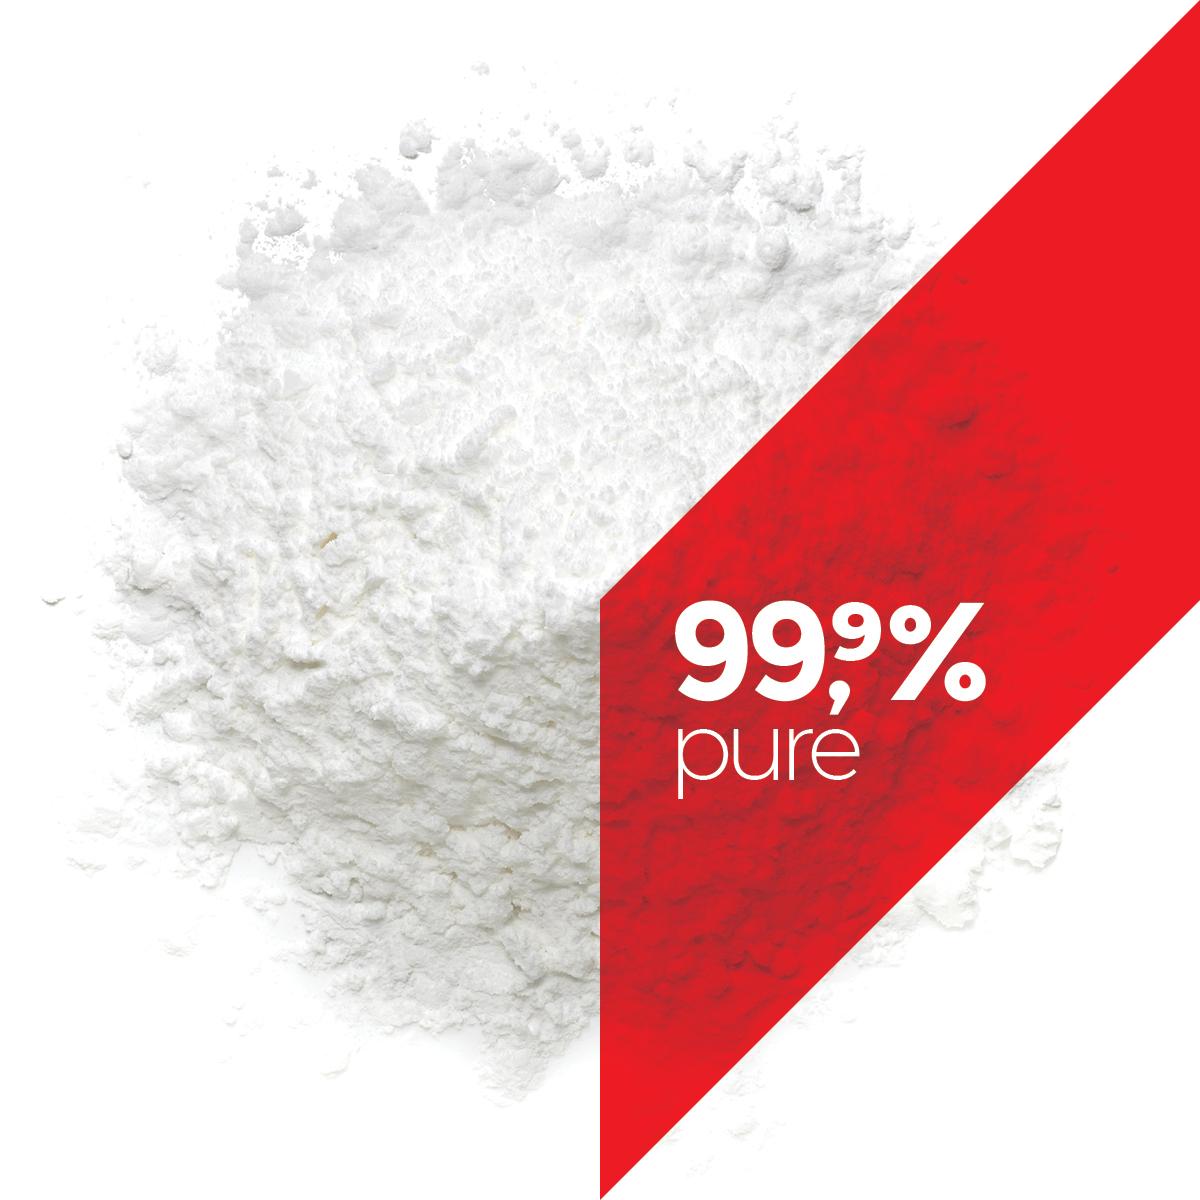 CBD puro al 99,9%